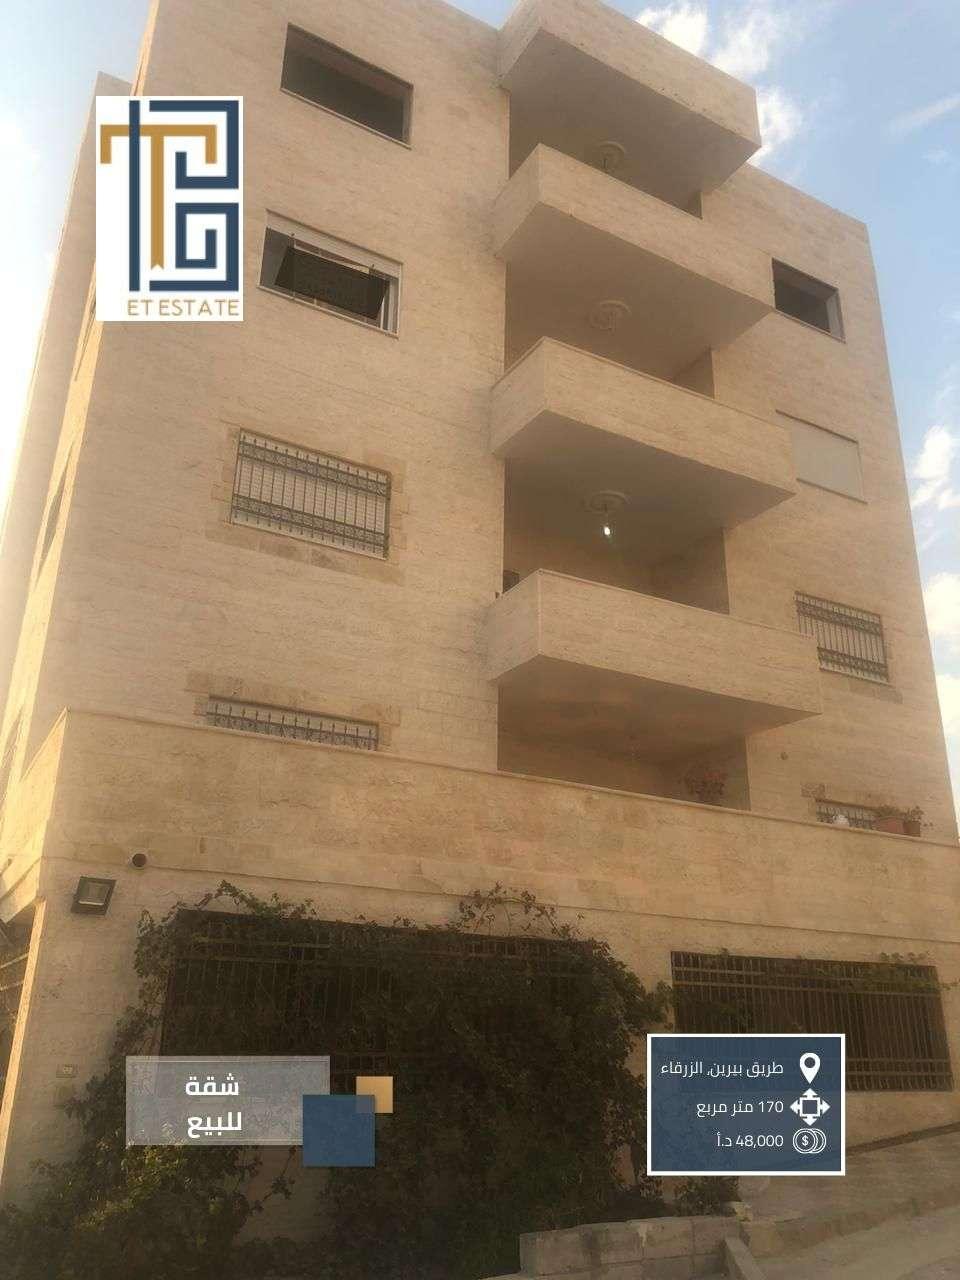 شقة طابقية للبيع في الزرقاء – طريق بيرين